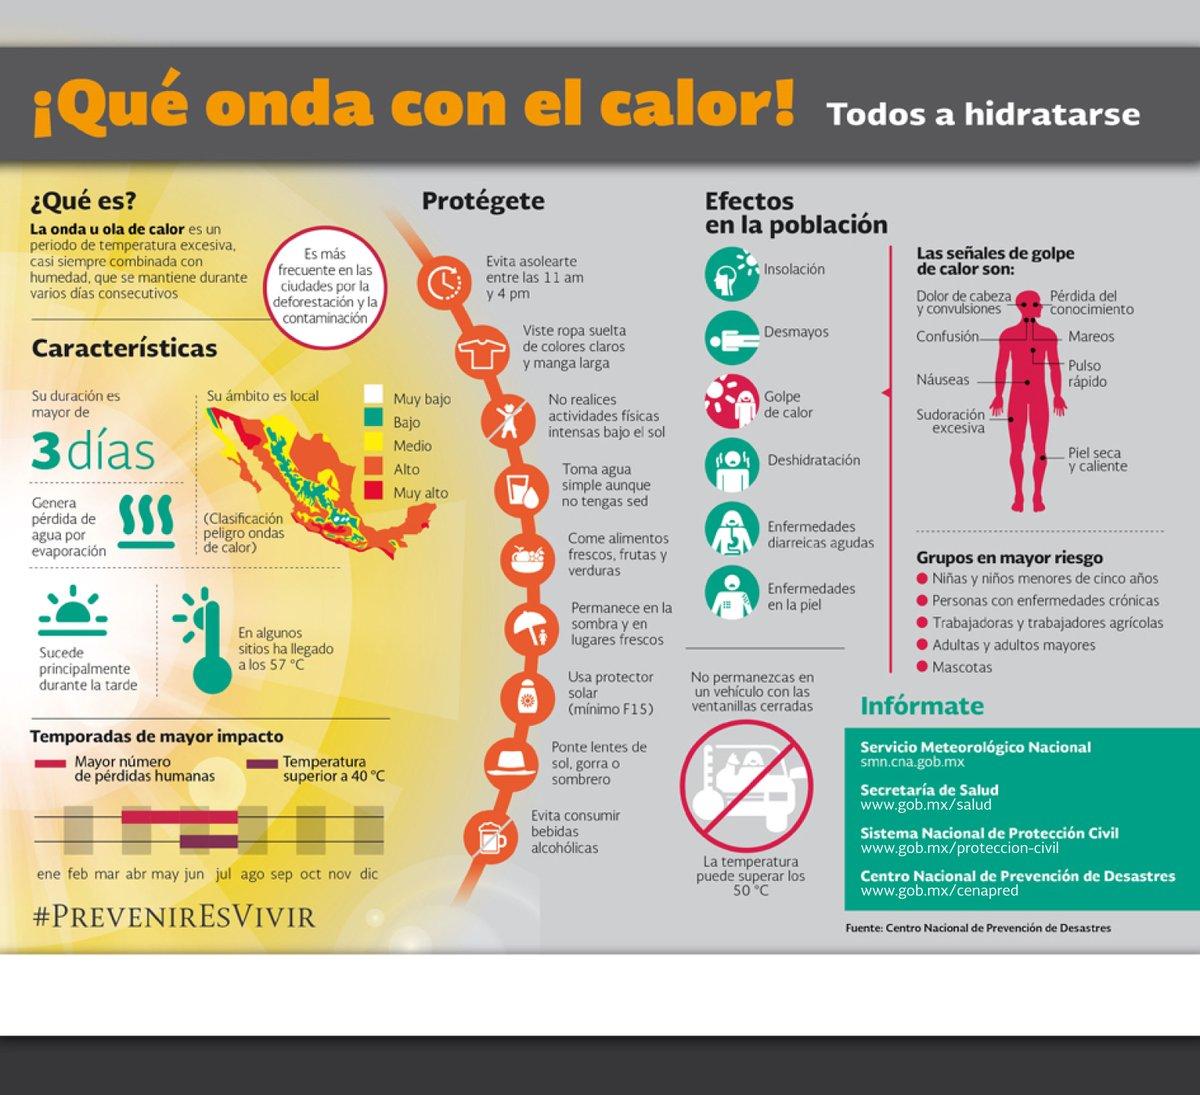 Consejos contra ola de calor Protección Civil